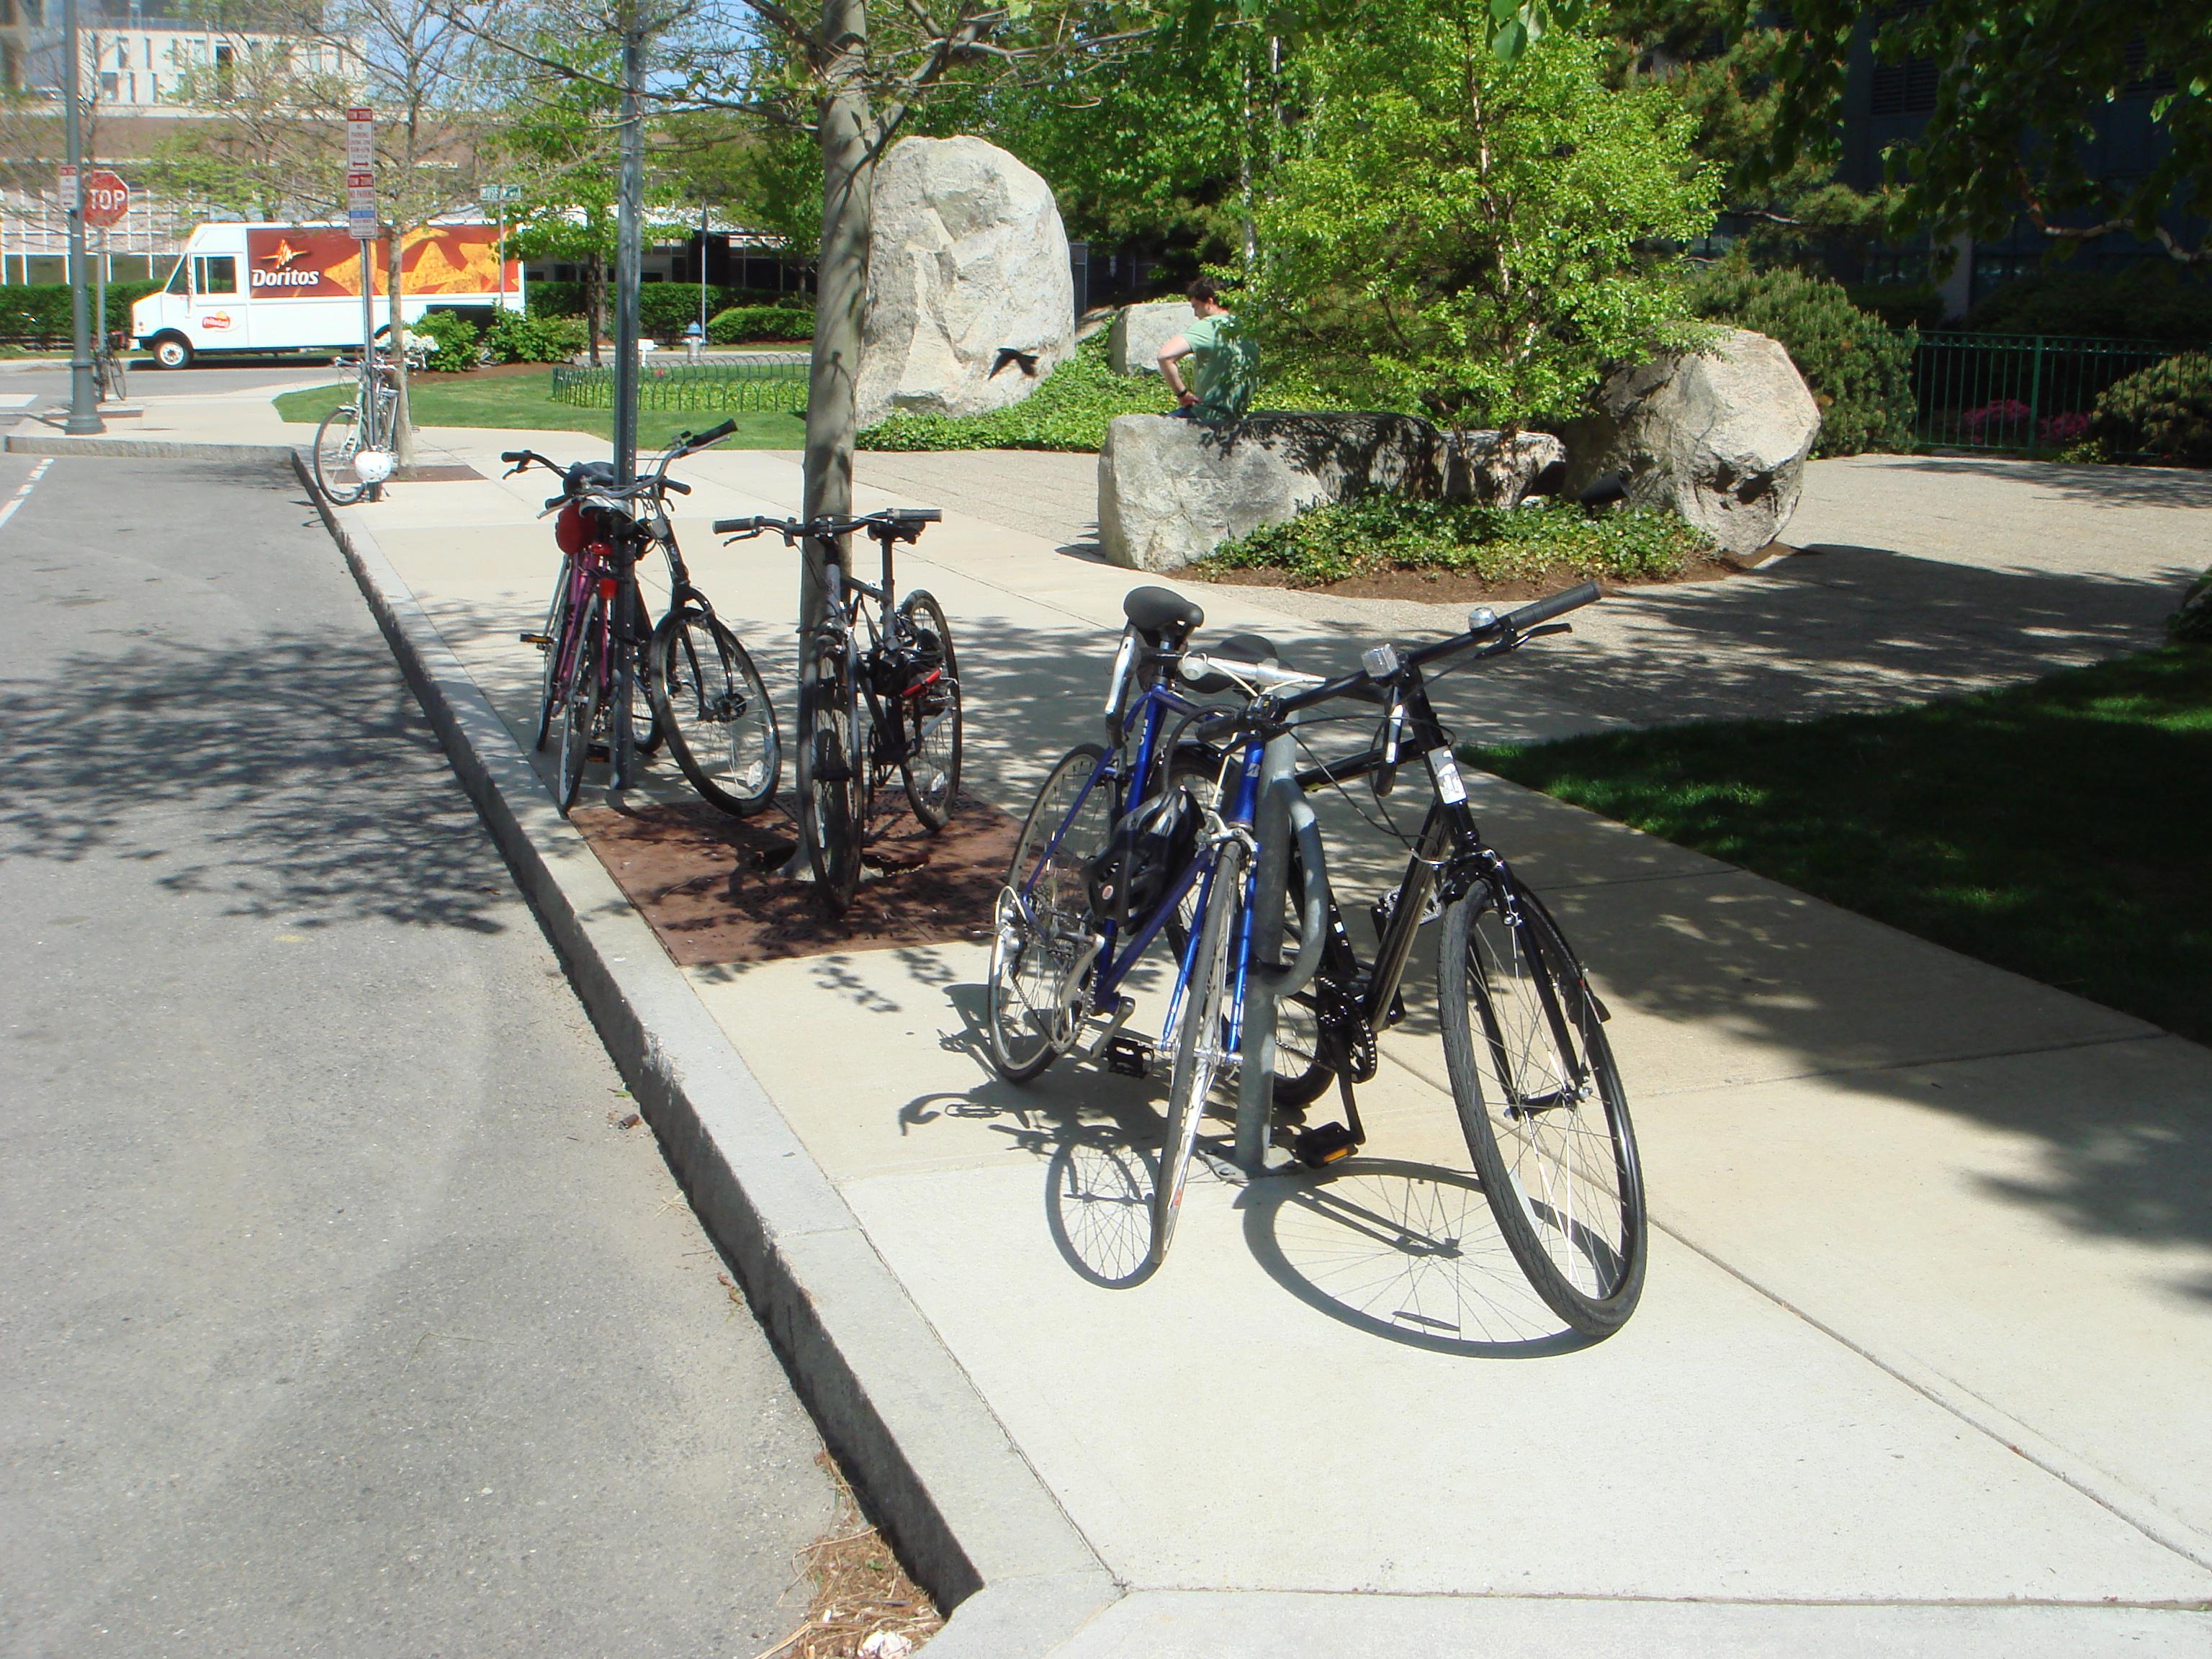 Hultボストンキャンパス前の自転車駐輪